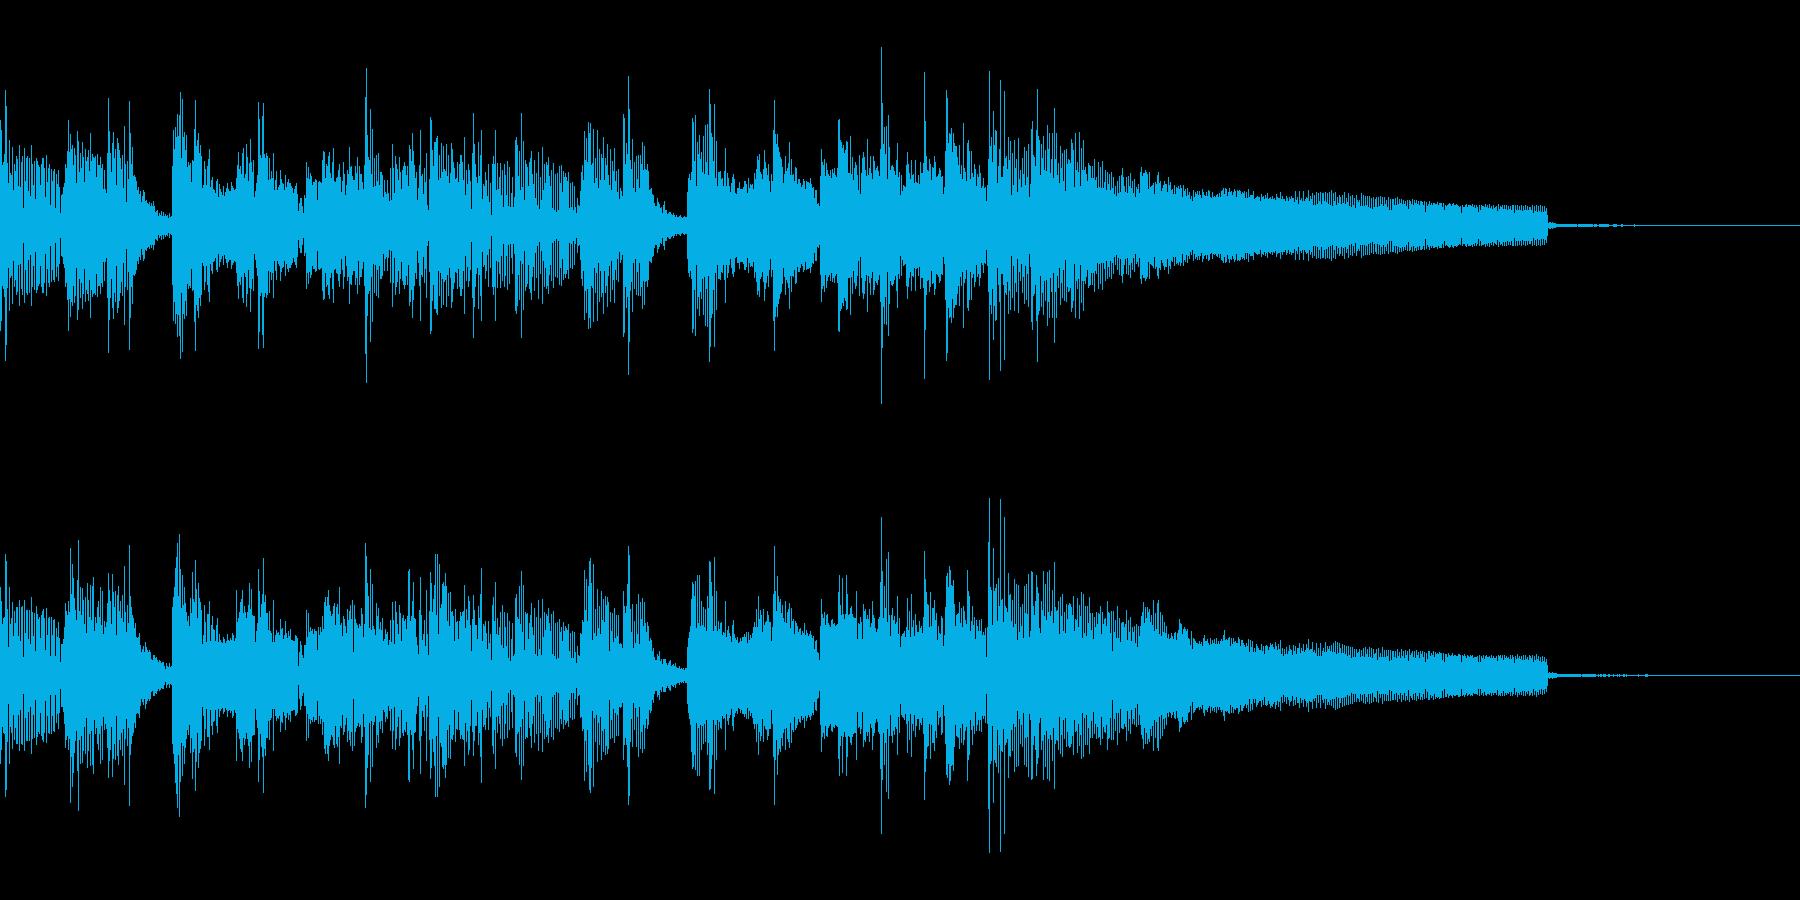 ジャズ風のおしゃれなラジオ向けジングルの再生済みの波形